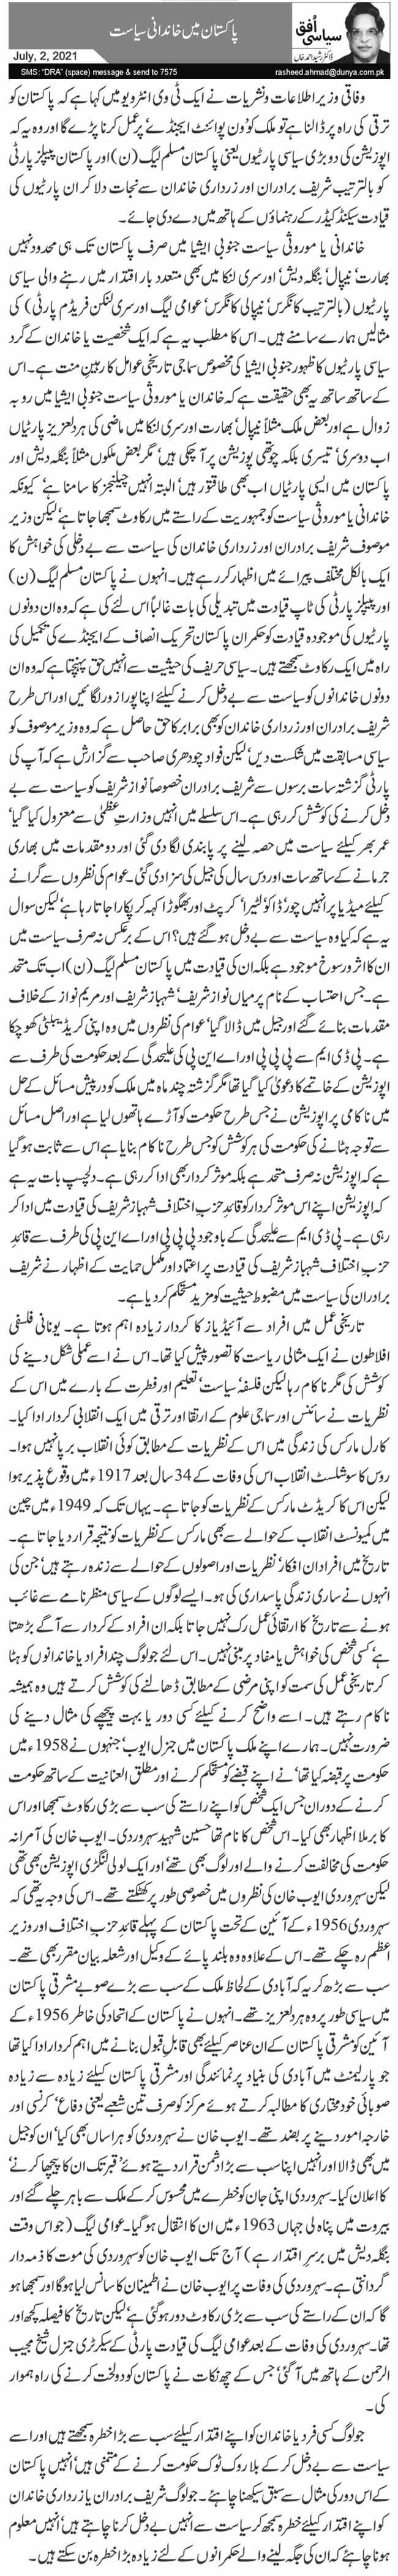 پاکستان میں خاندانی سیاست